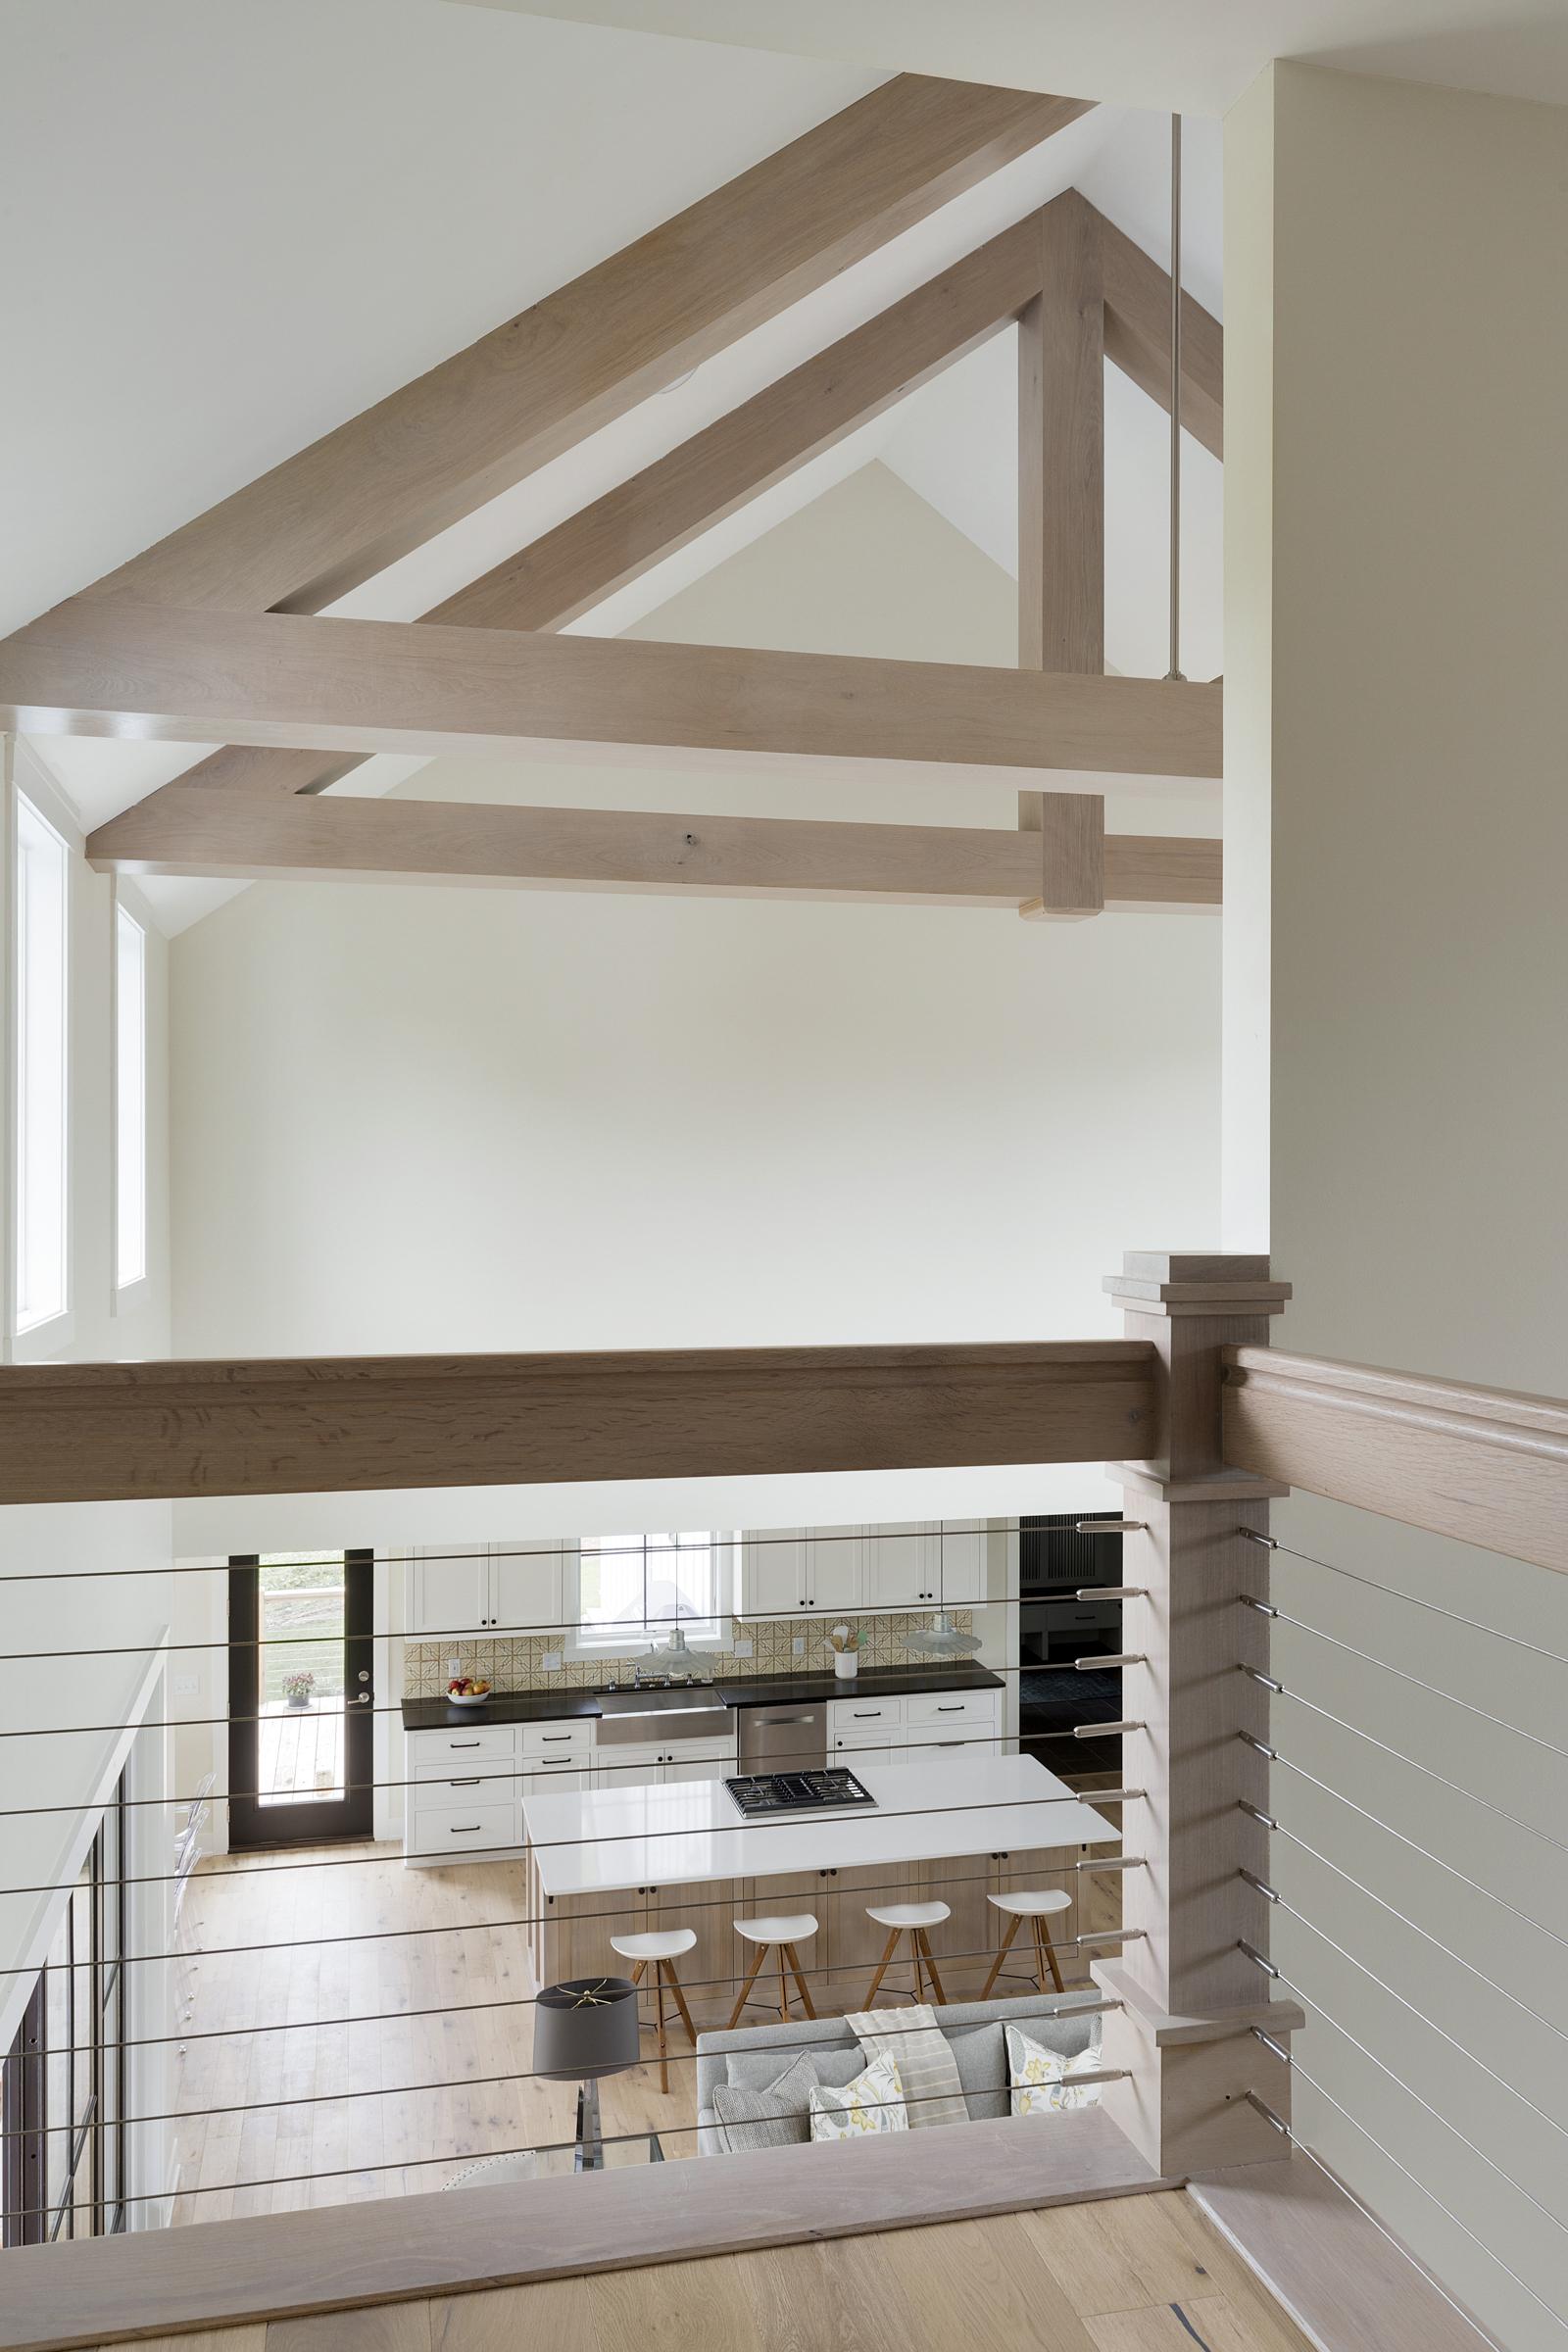 Home_Designer_StillwaterMN_23.jpg